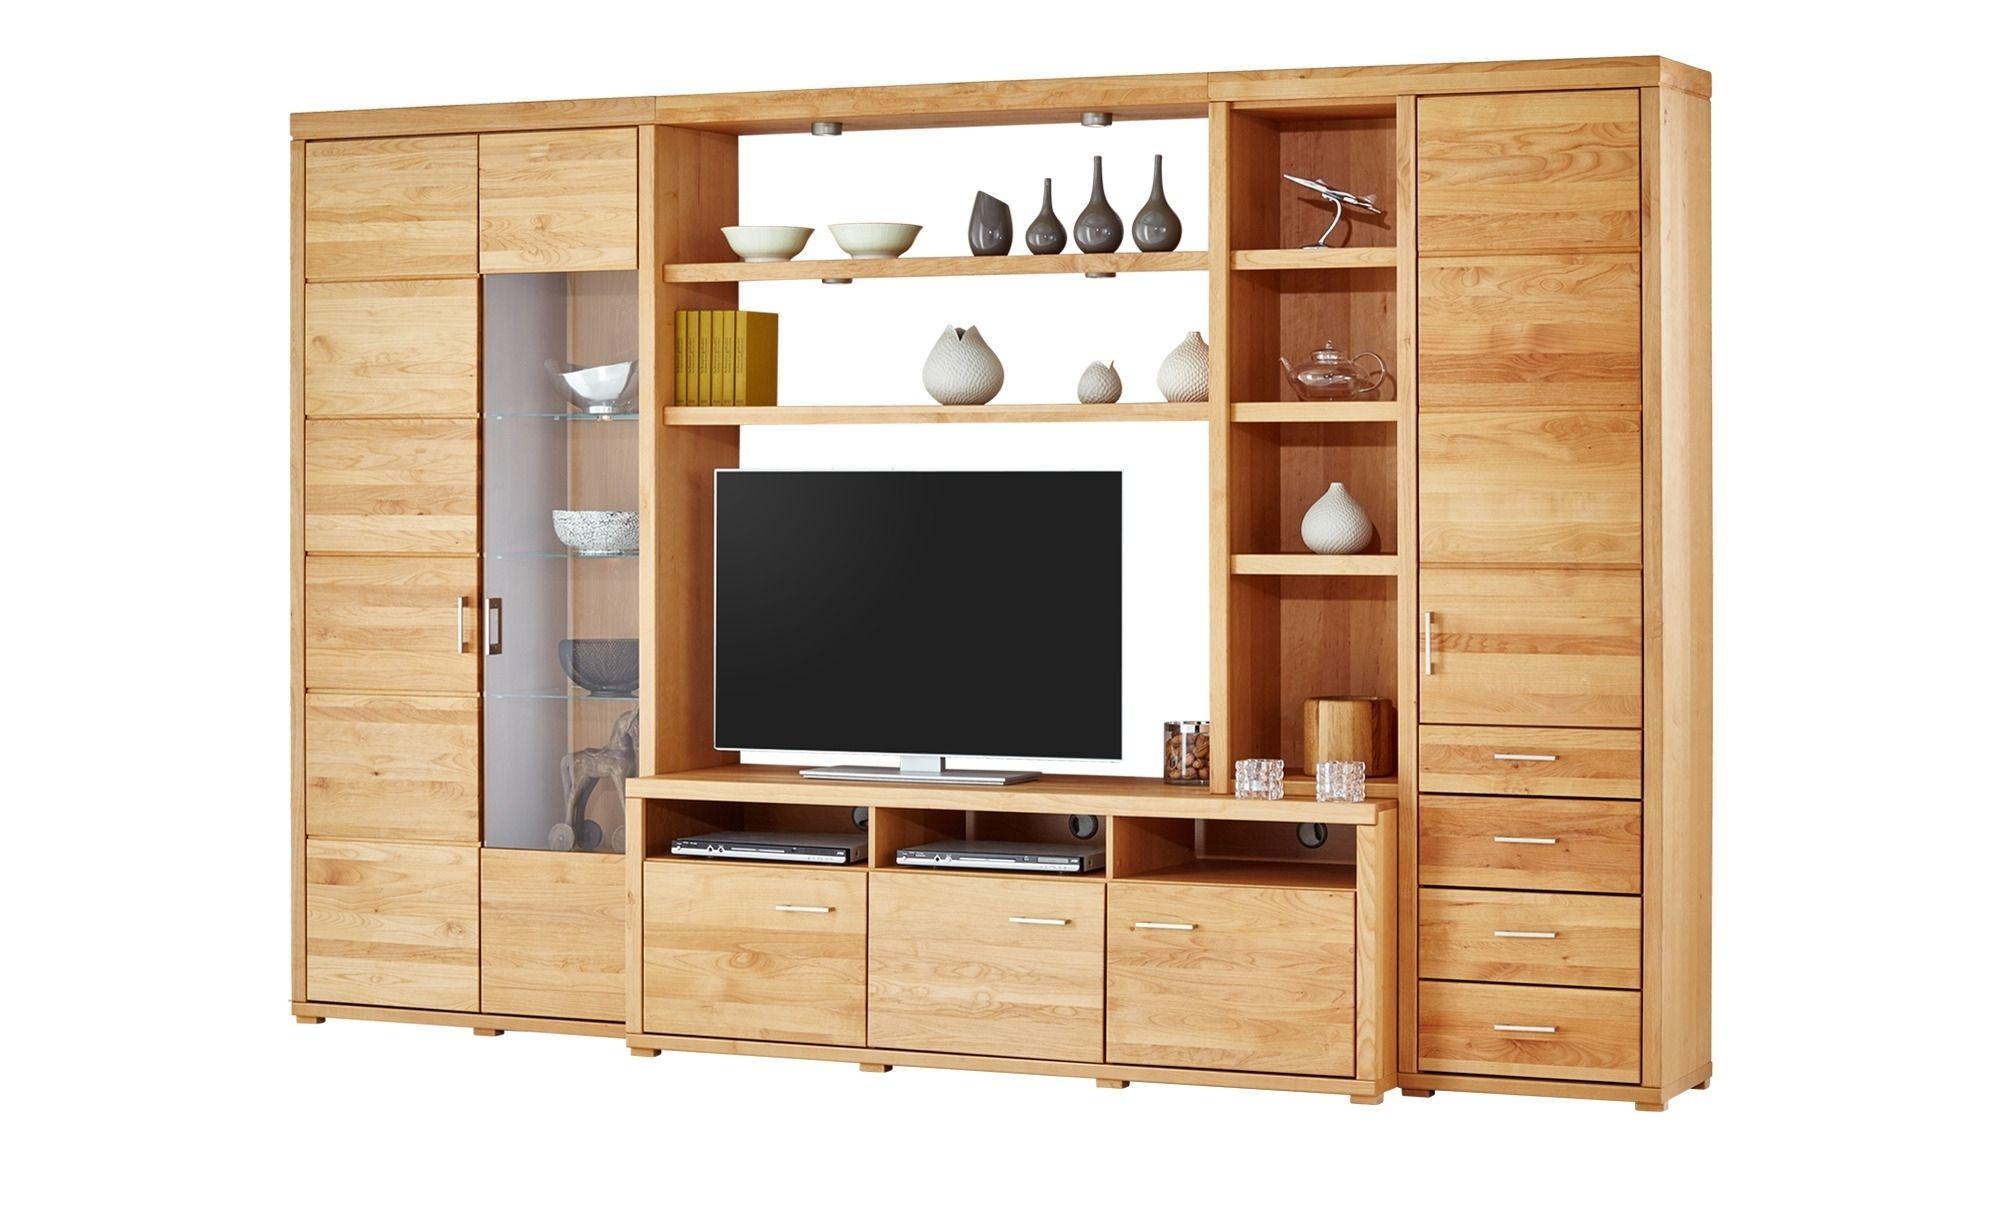 Hoffner Wohnzimmerschrank In 2020 Decor Home Entertainment Unit